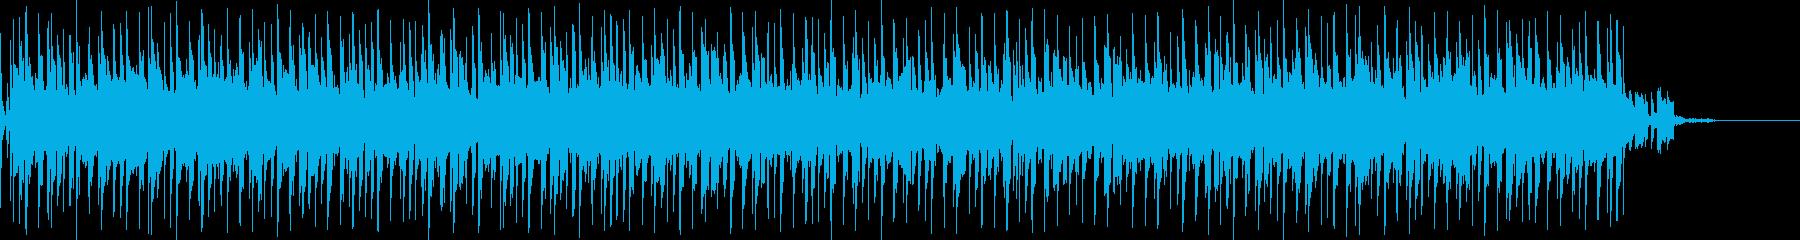 ダンス/ポップス系。ストリングスおよ…の再生済みの波形